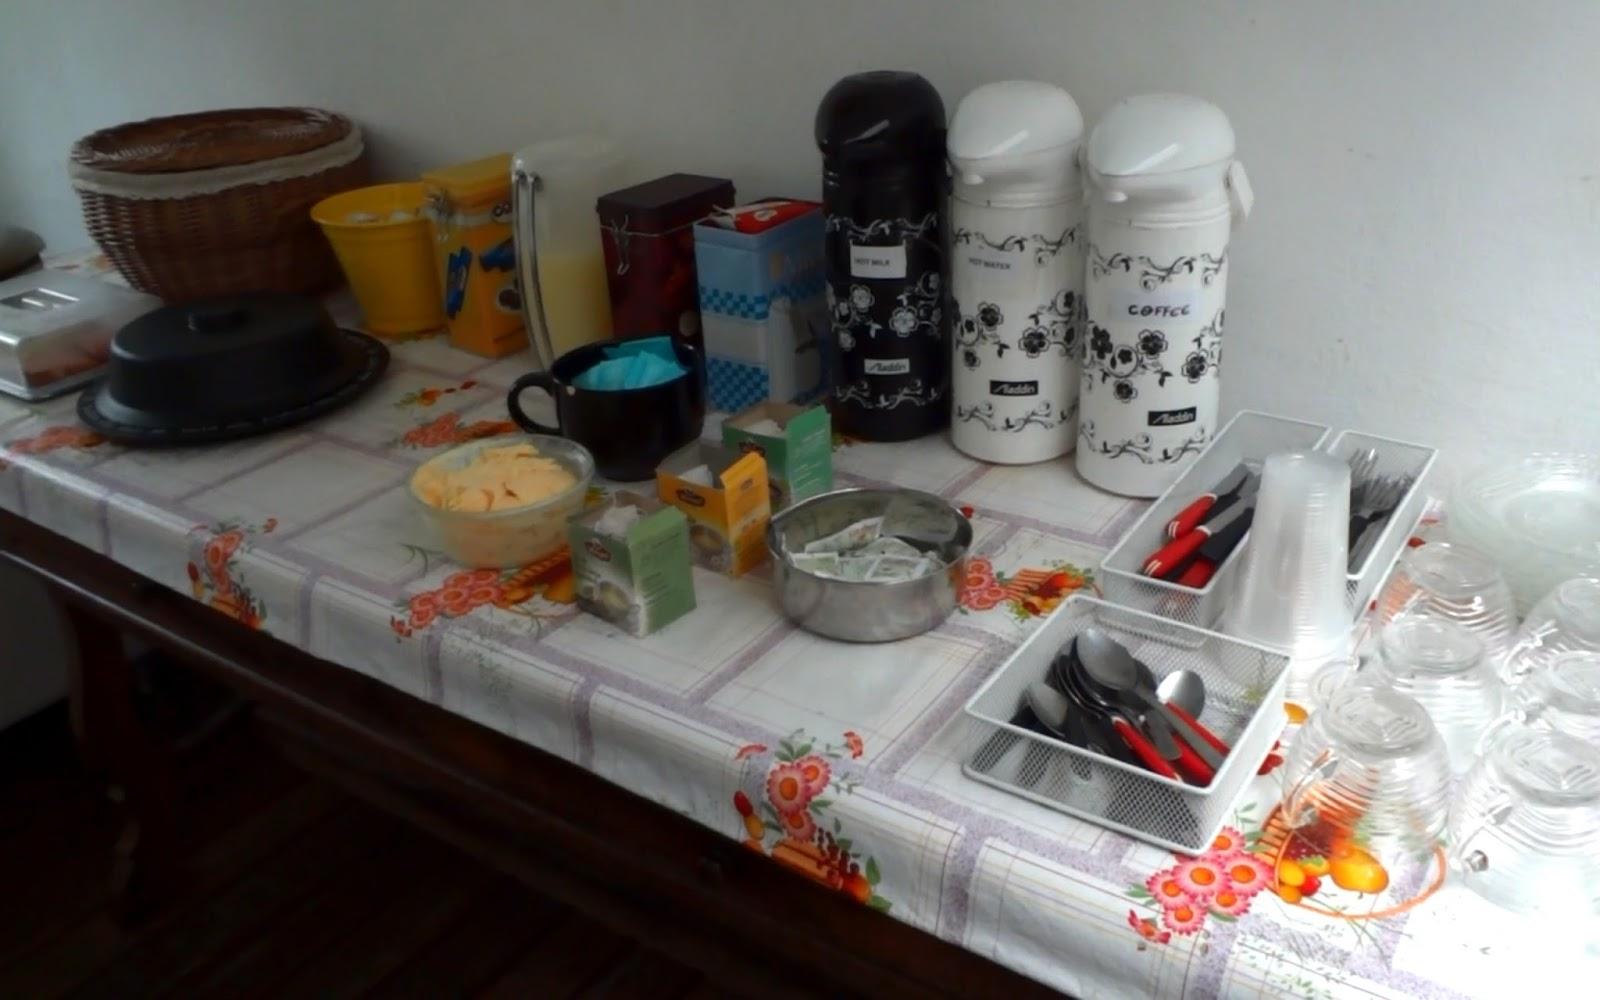 cafe da manha 021 hostel